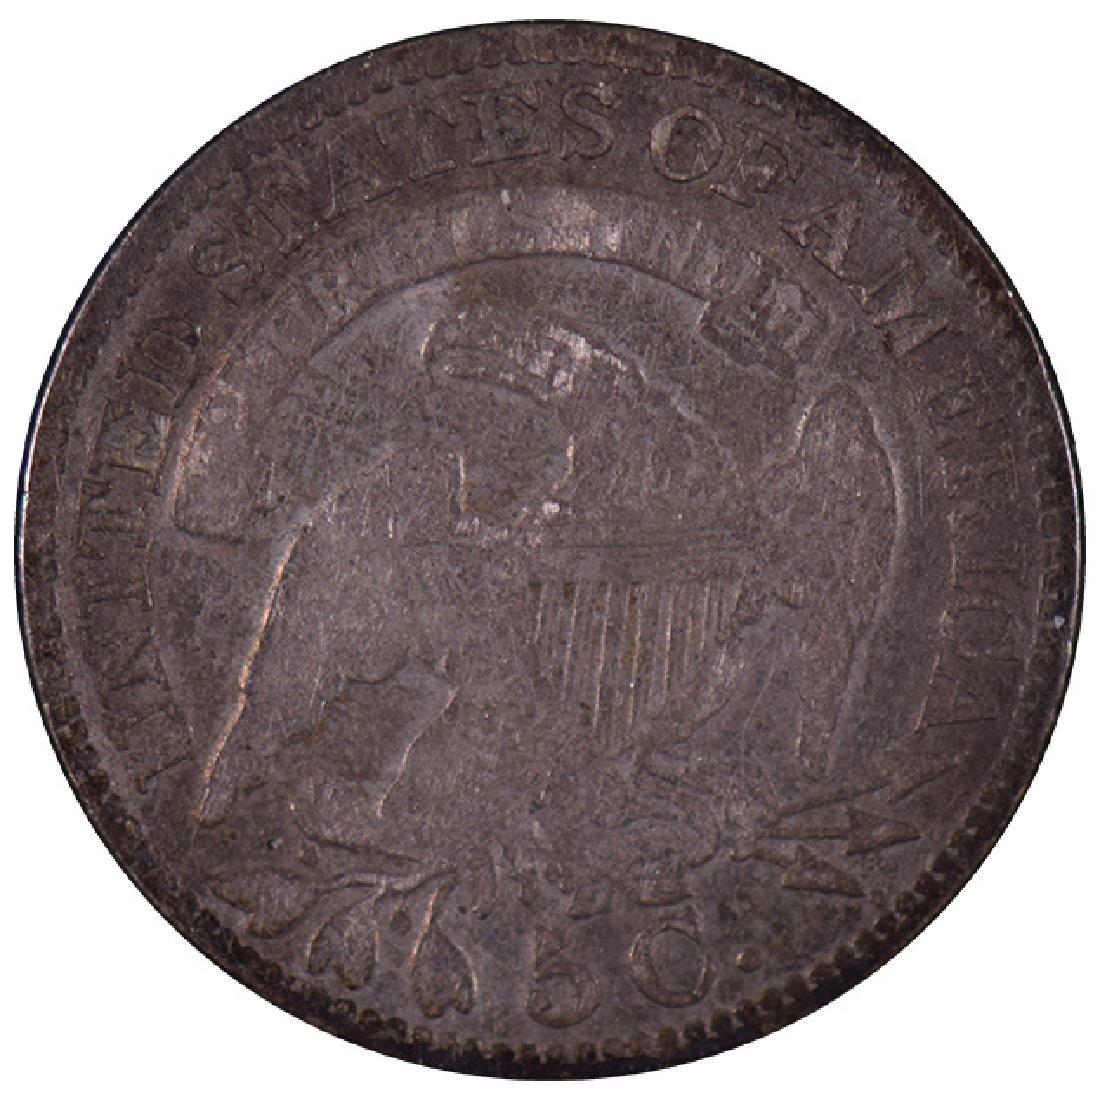 1831 Liberty Half Dime Coin - 2